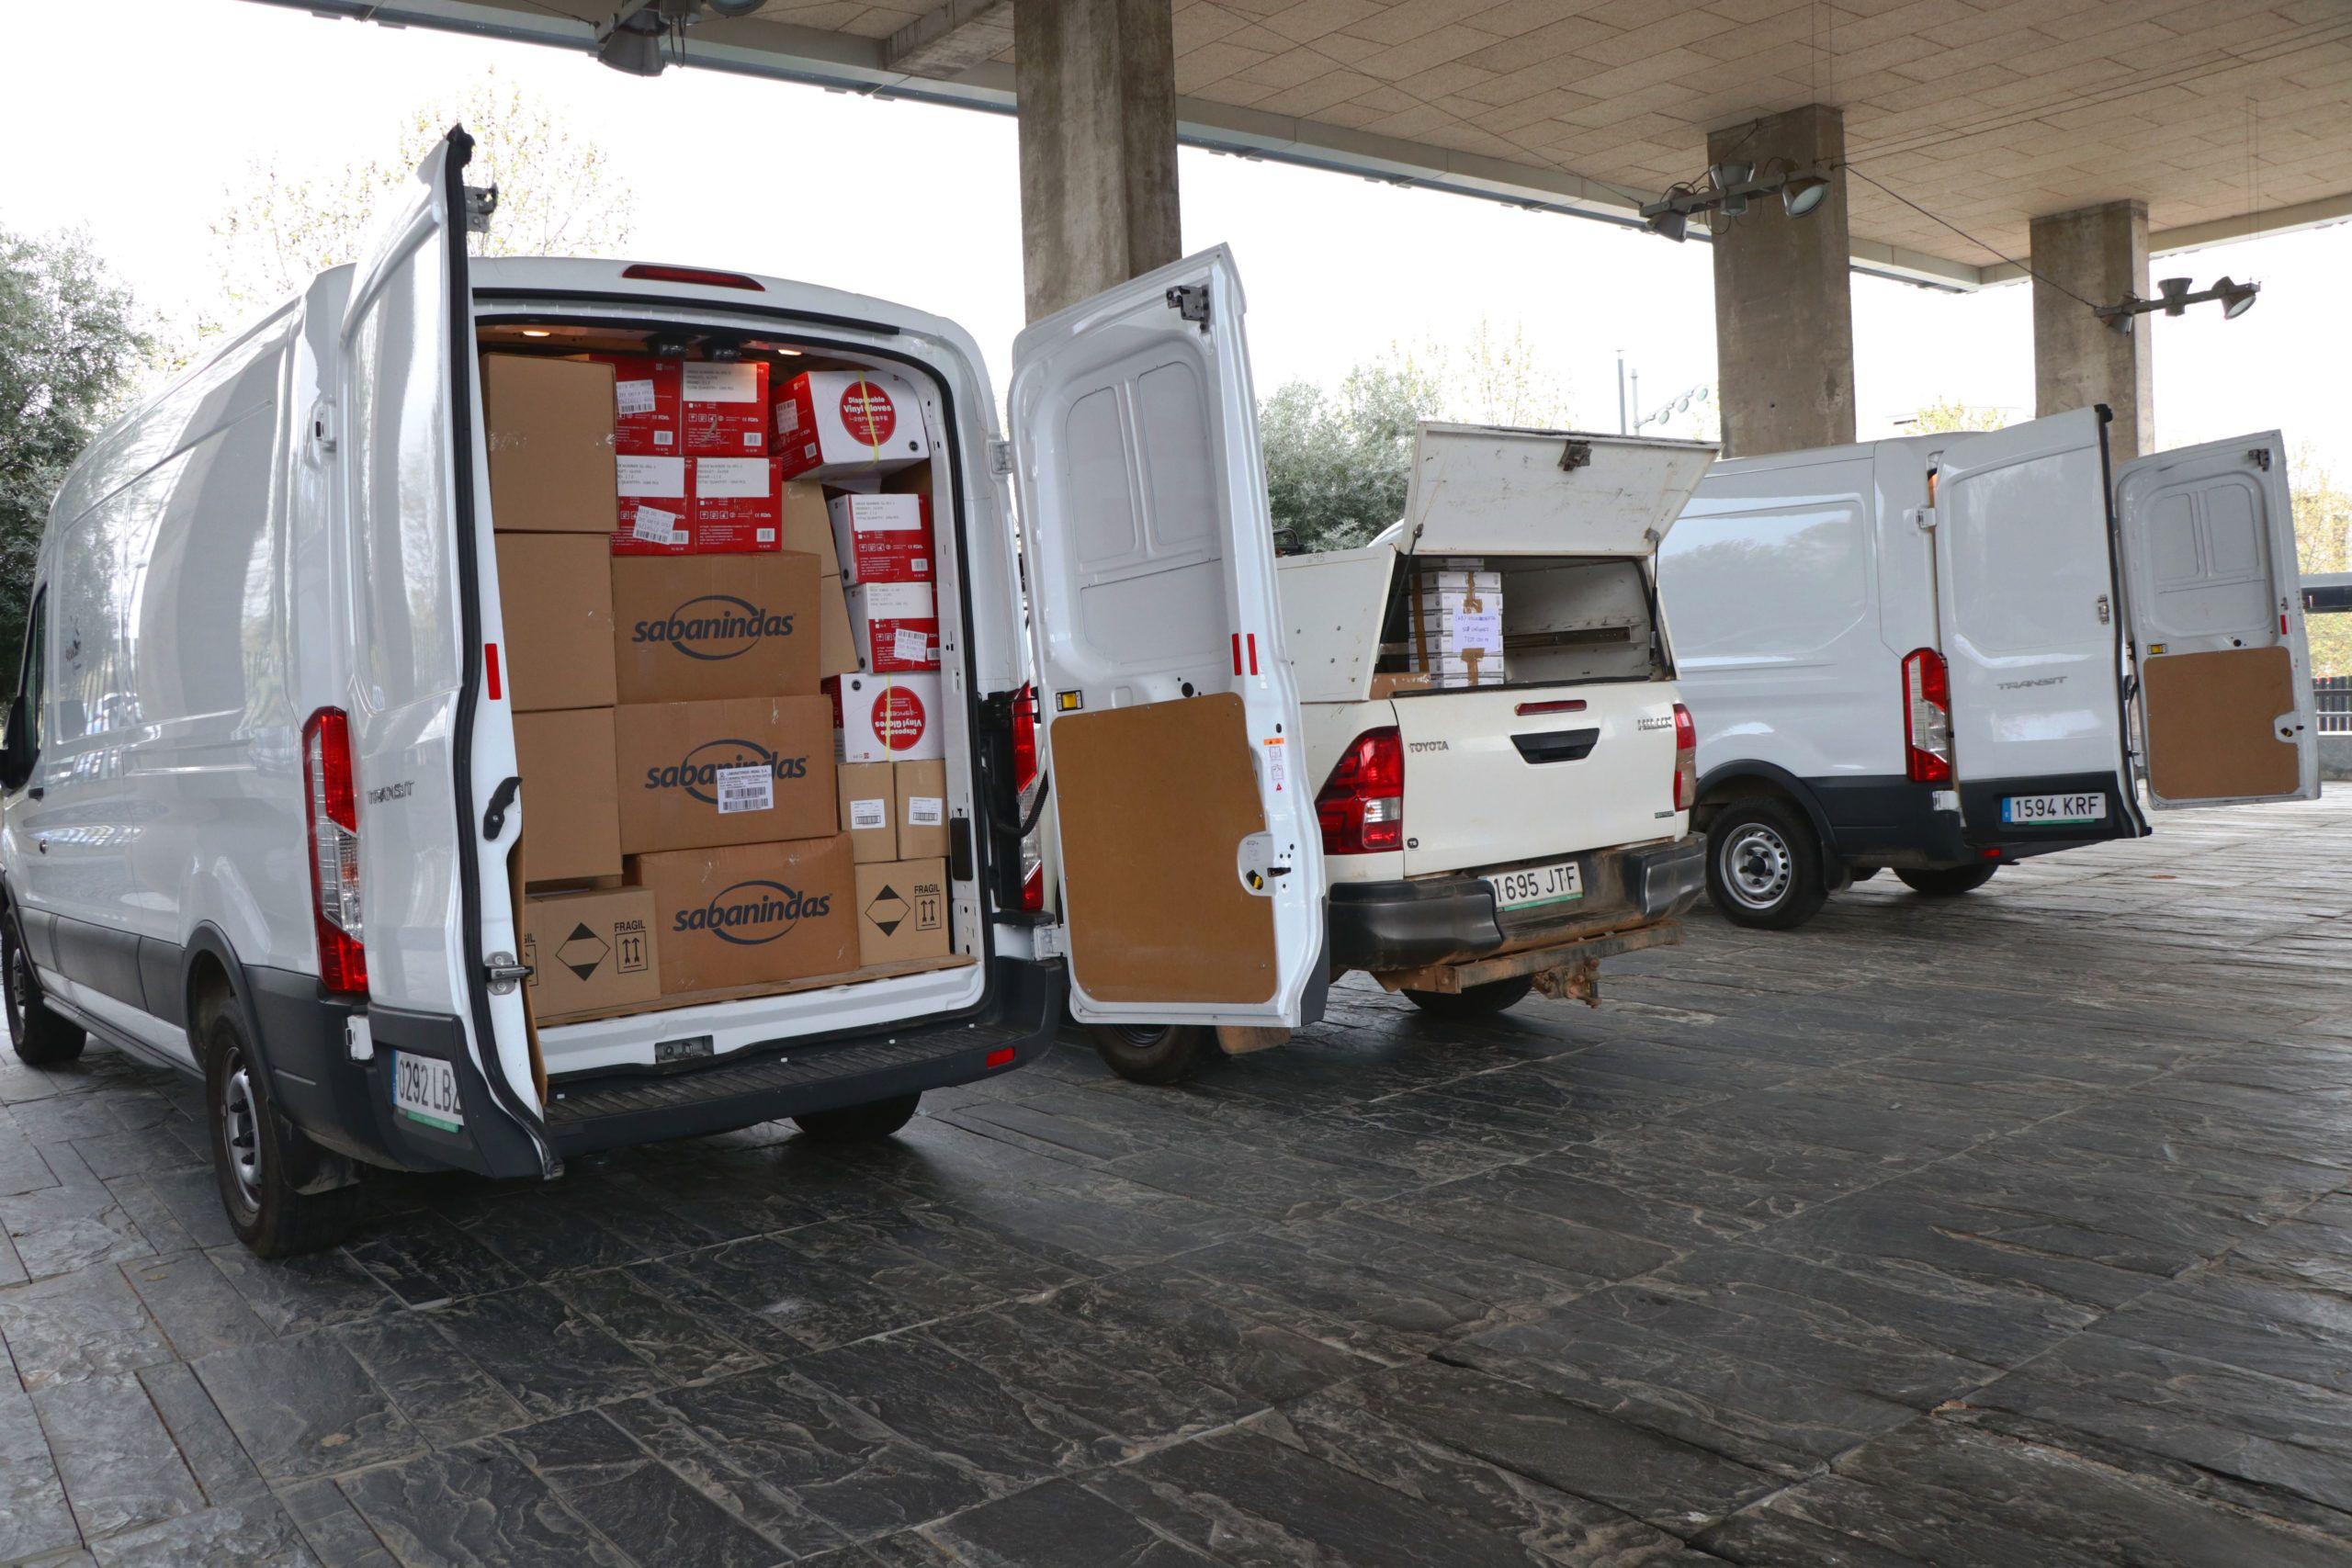 El Gobierno de Castilla-La Mancha envía hoy más de 593.000 artículos de protección para los profesionales de los centros sanitarios y sociosanitarios de la región